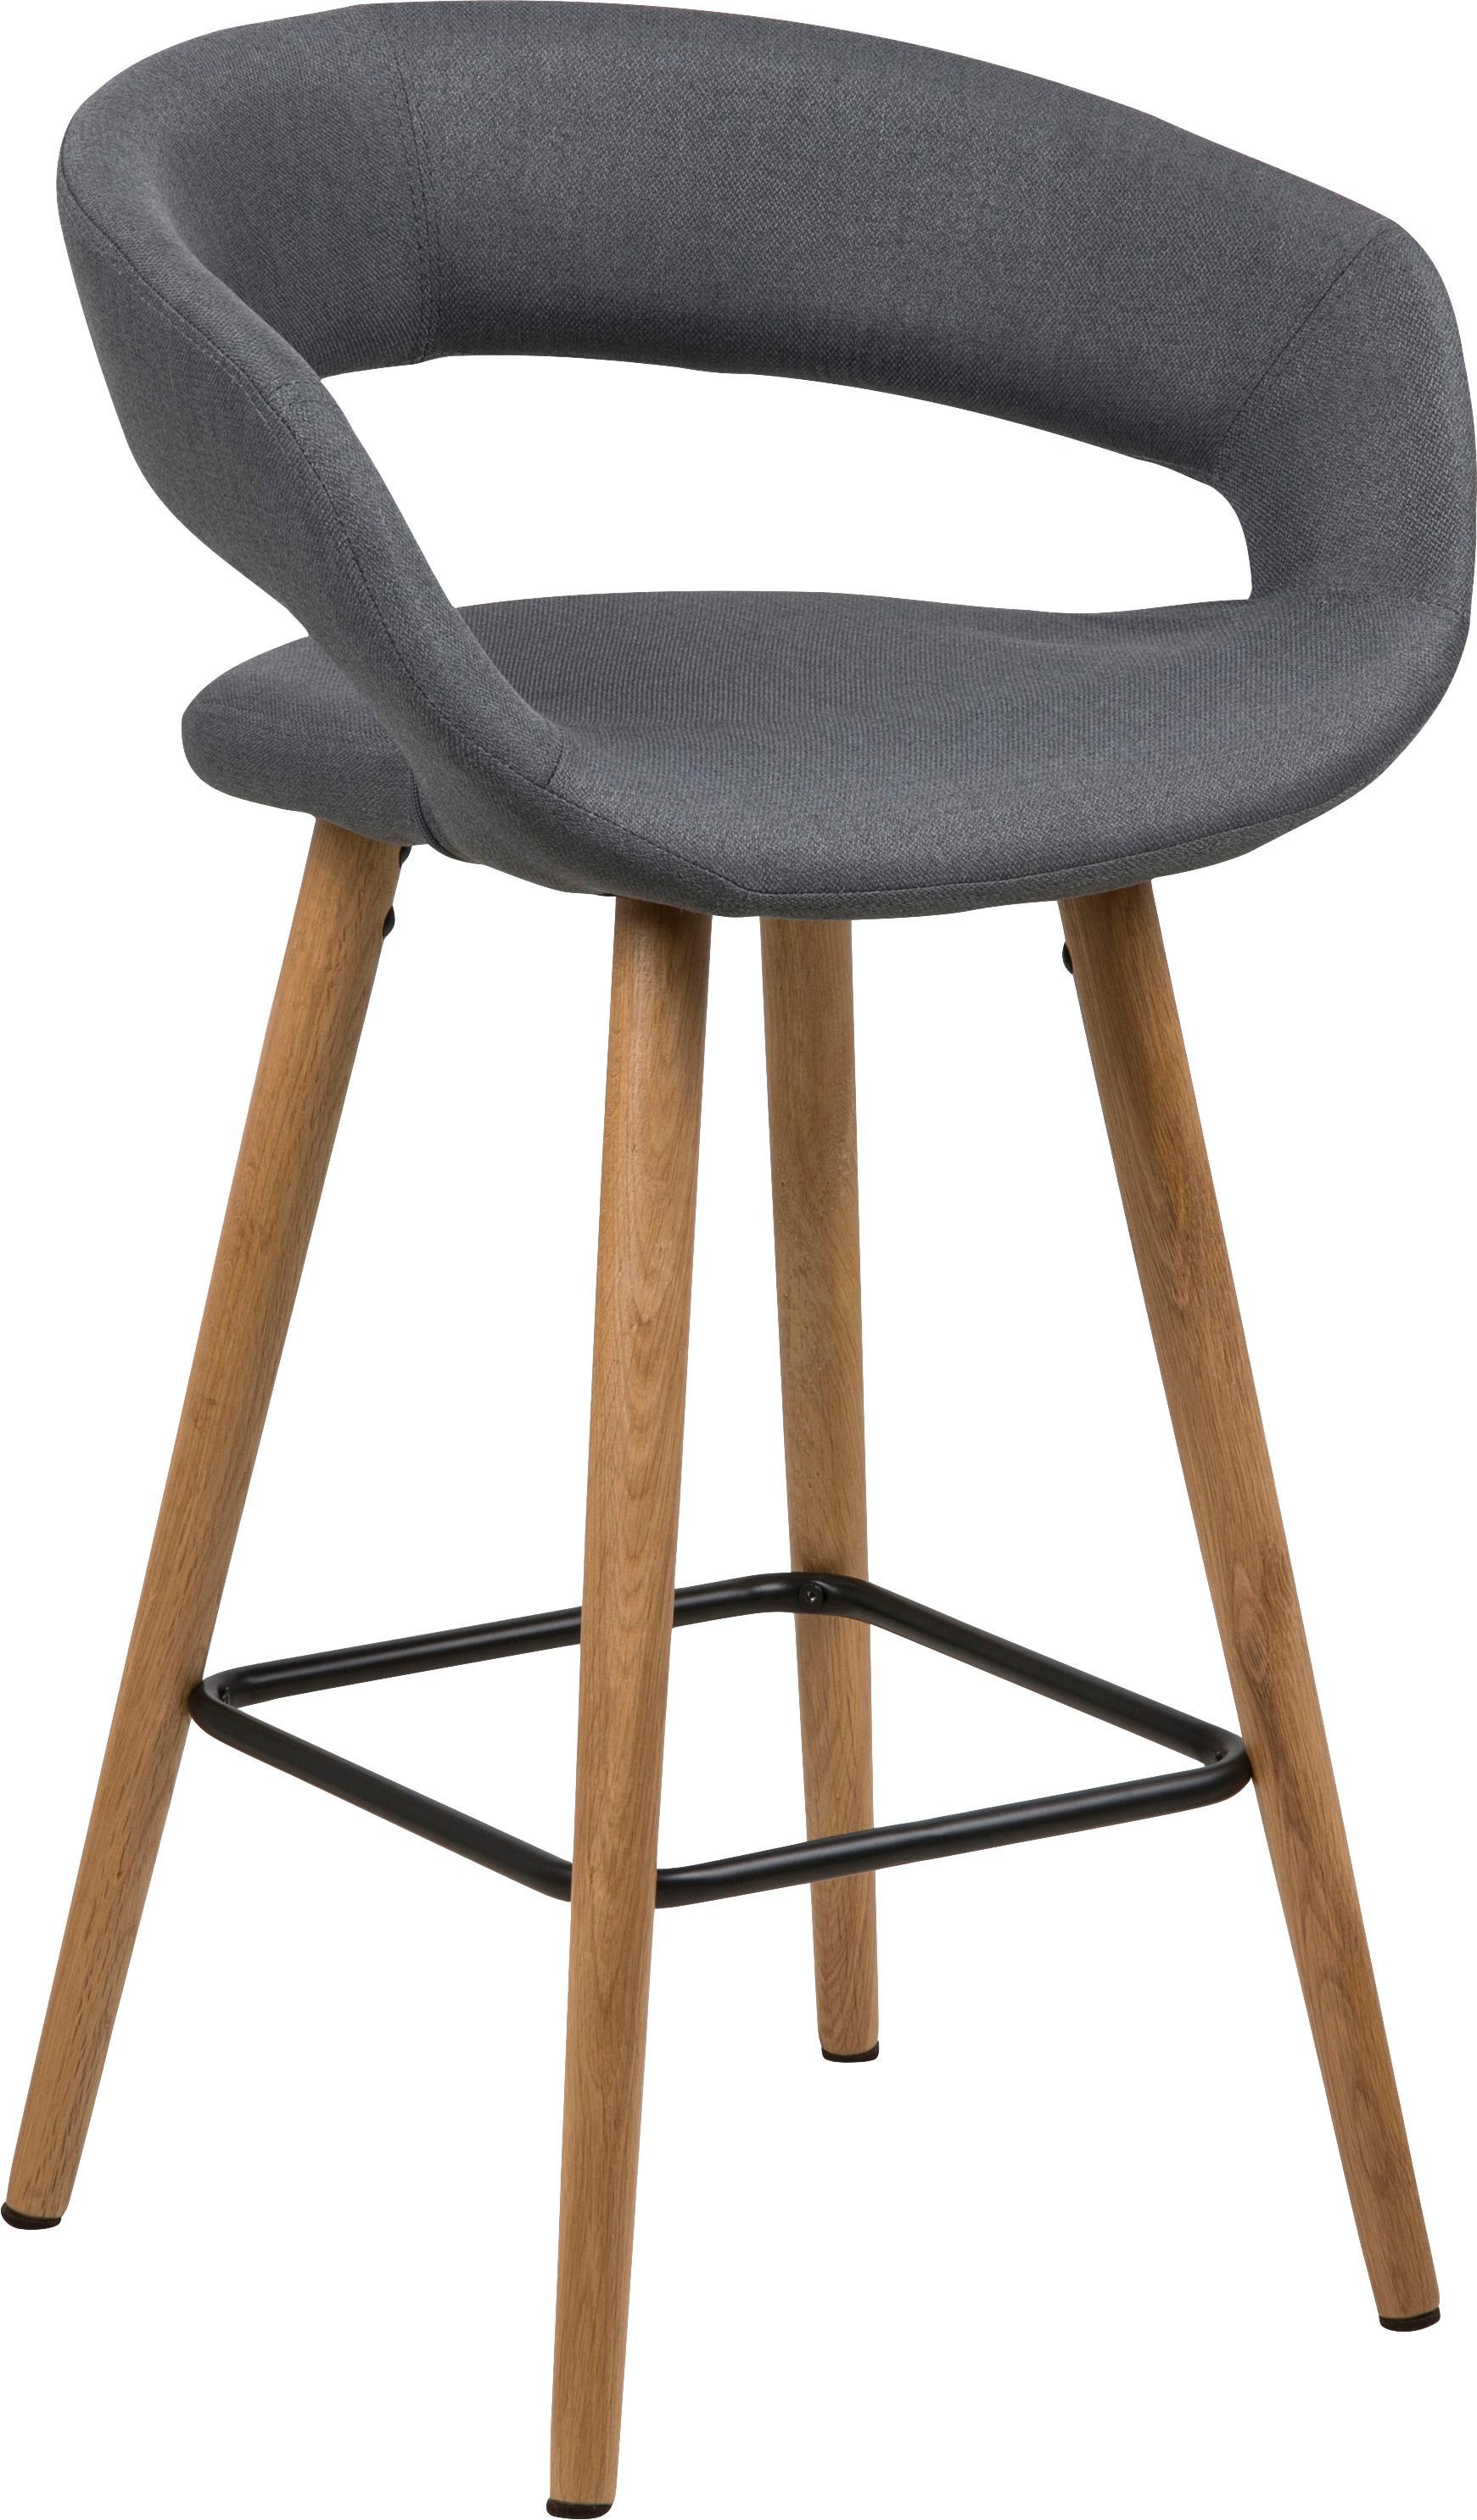 Thekenstühle Grace, 2 Stück, Bezug: Polyester, Beine: Eichenholz, geölt, Bezug: Dunkelgrau<br>Beine: Eiche<br>Fußstütze: Schwarz, 56 x 87 cm